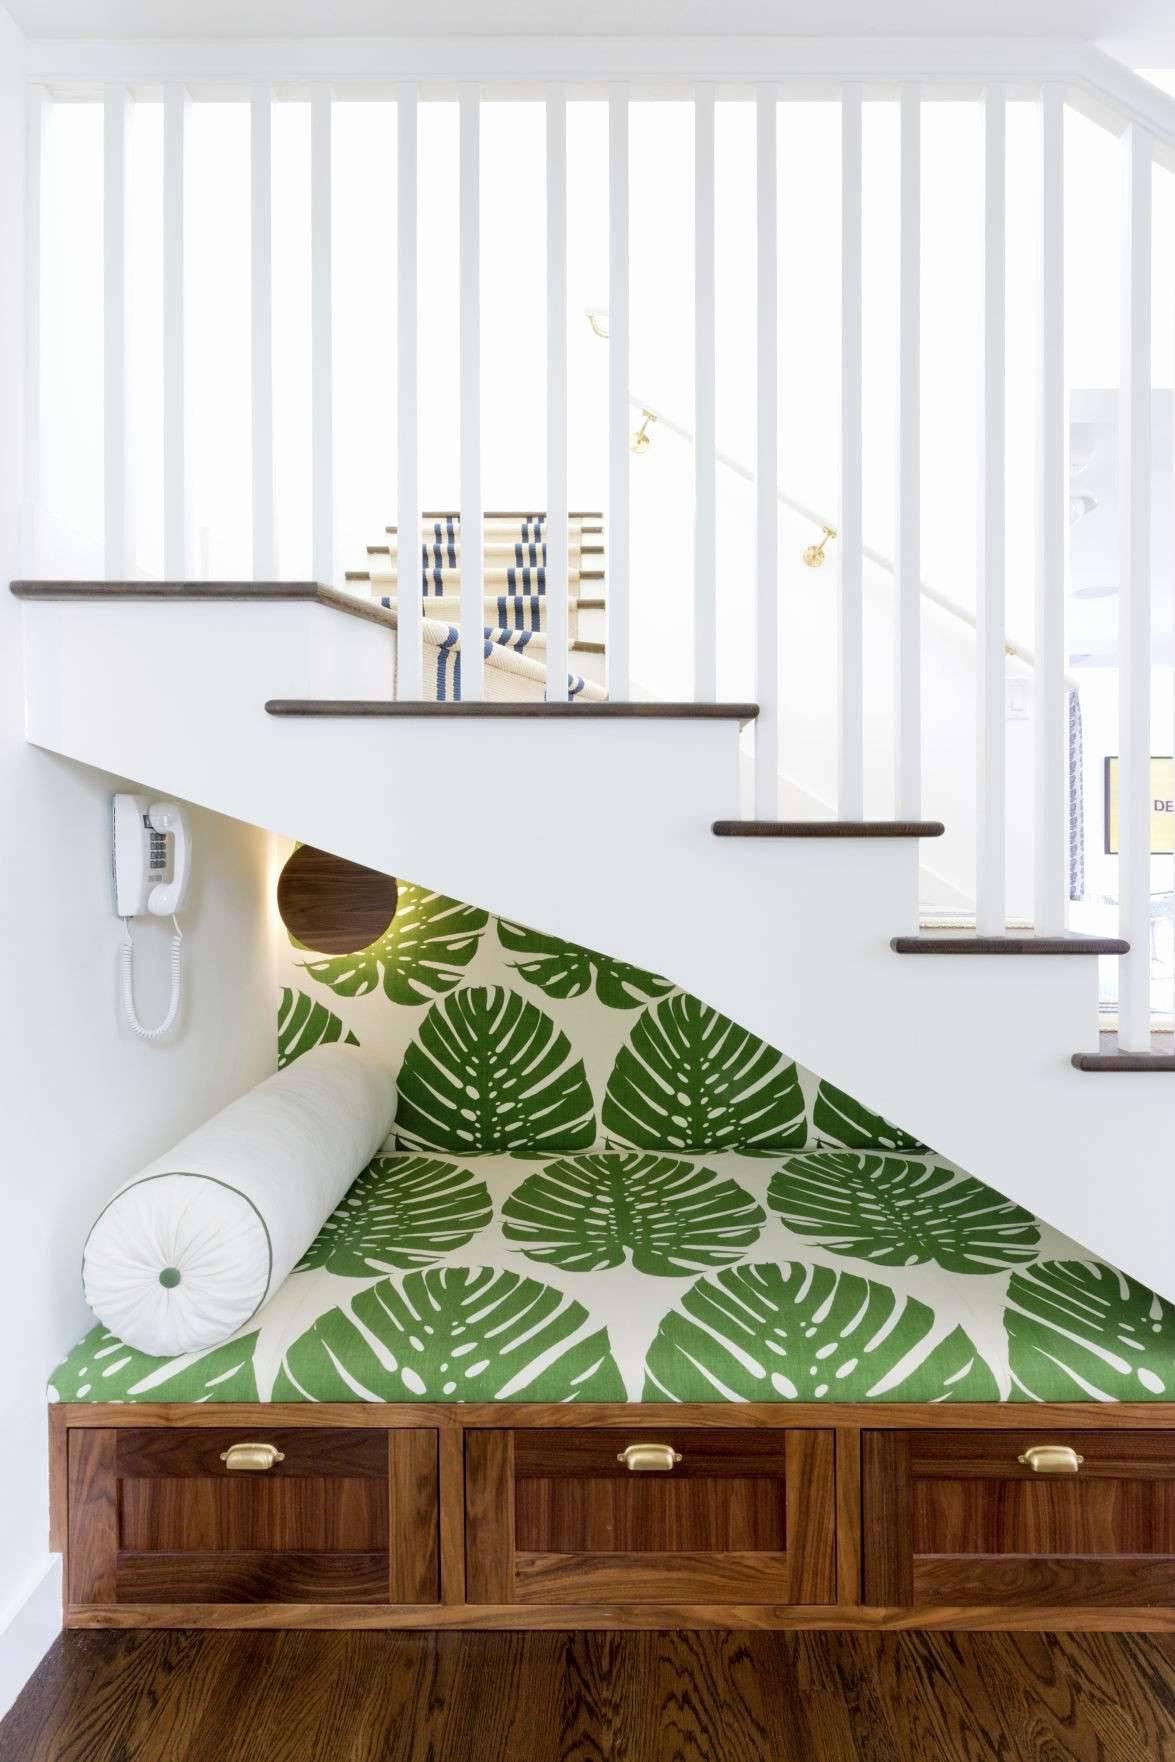 deckenlampen wohnzimmer modern lovely 49 inspirierend metall deko wand of deckenlampen wohnzimmer modern